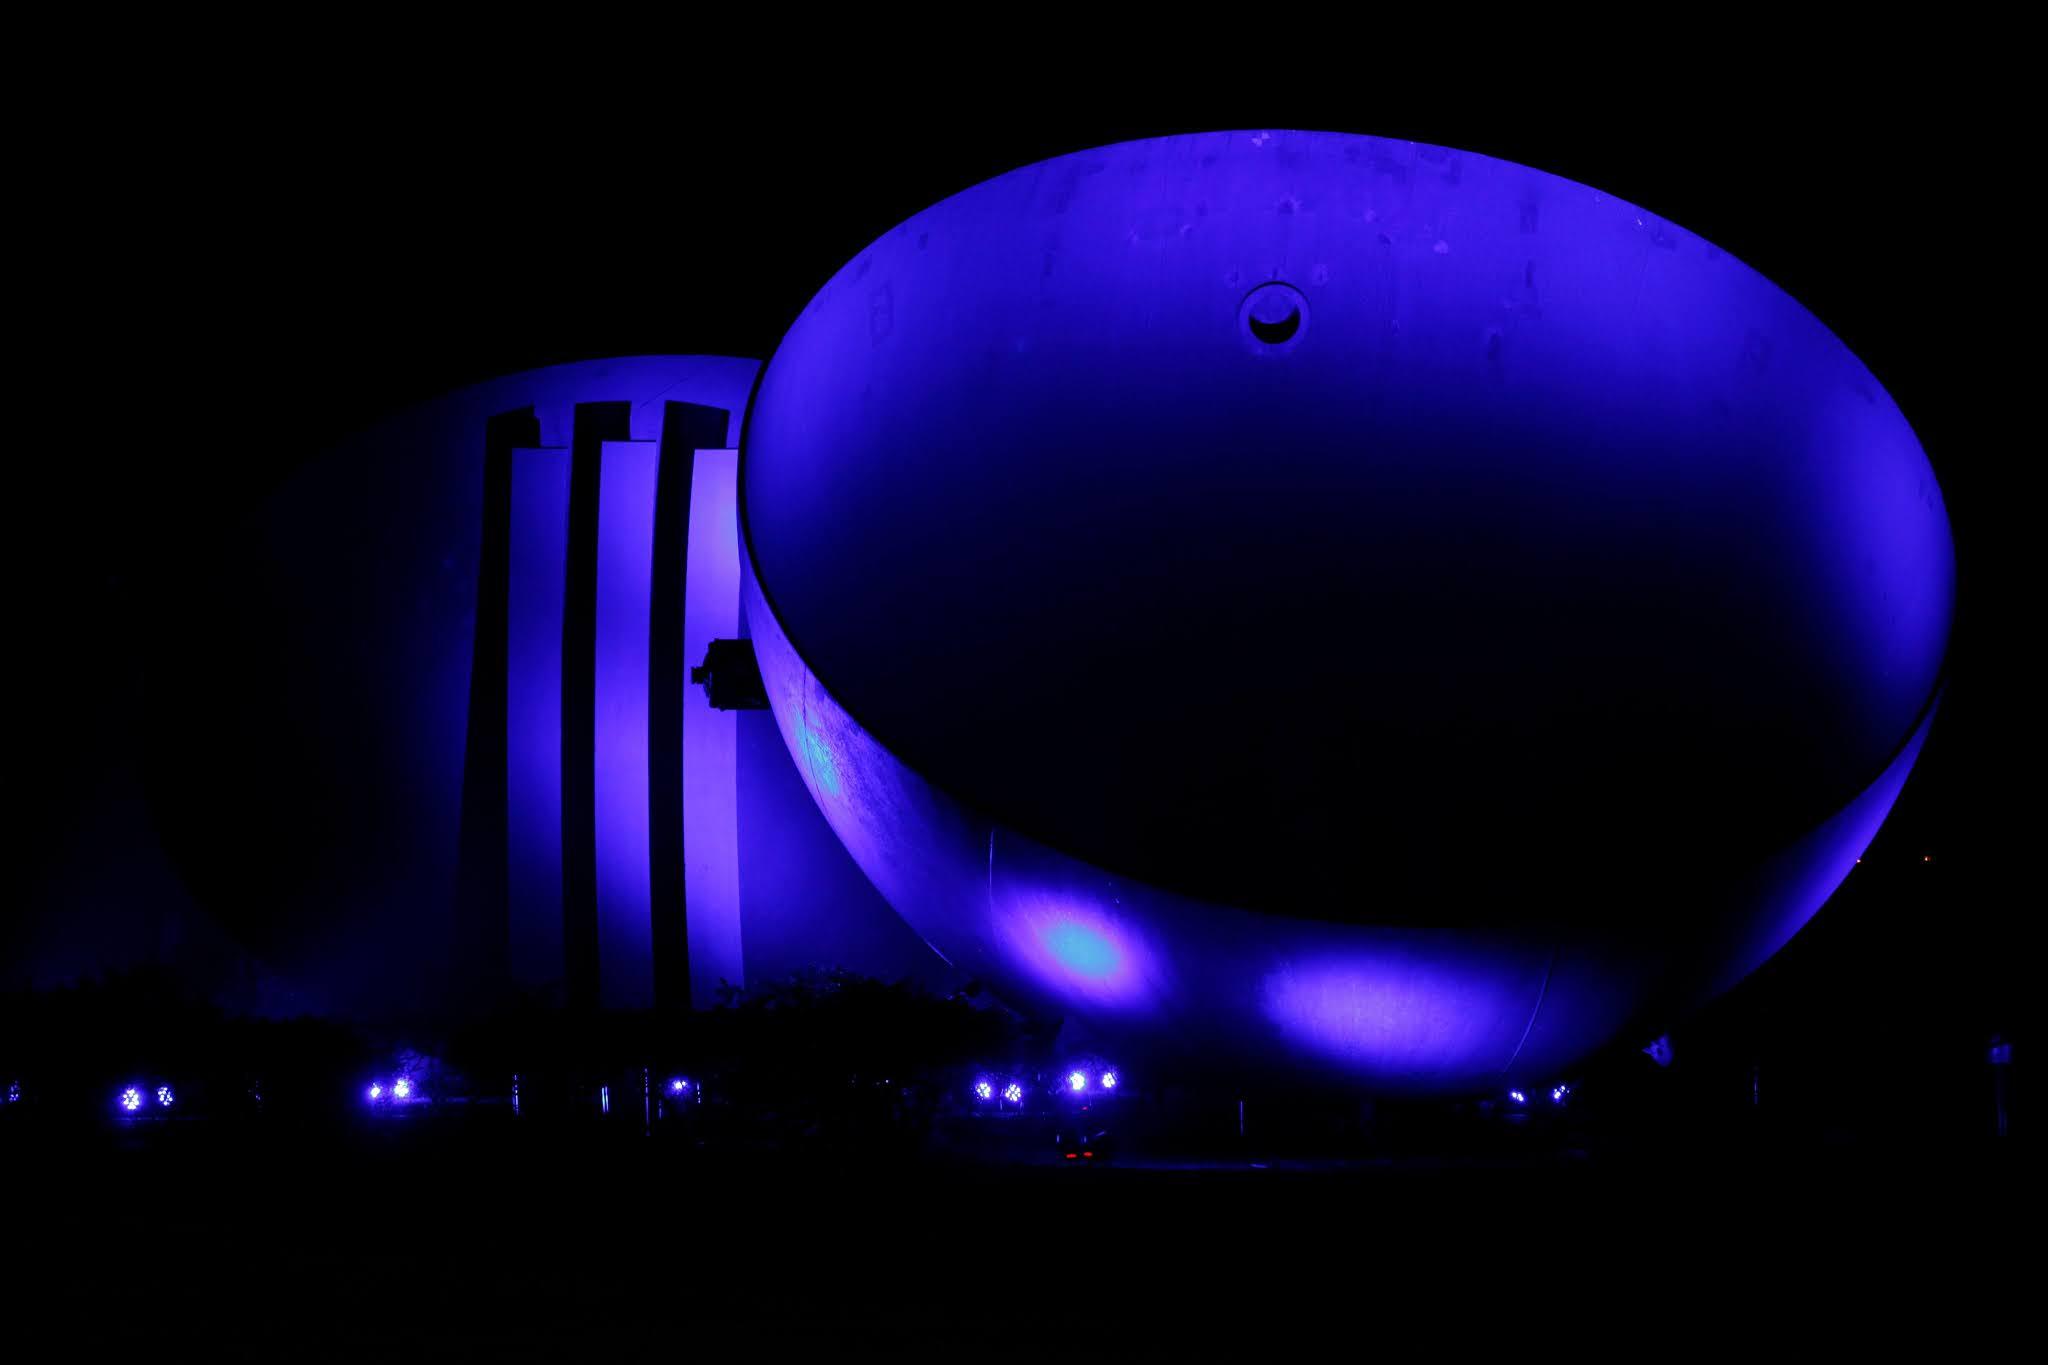 Itaipu ilumina edificações em campanha contra o tráfico humano